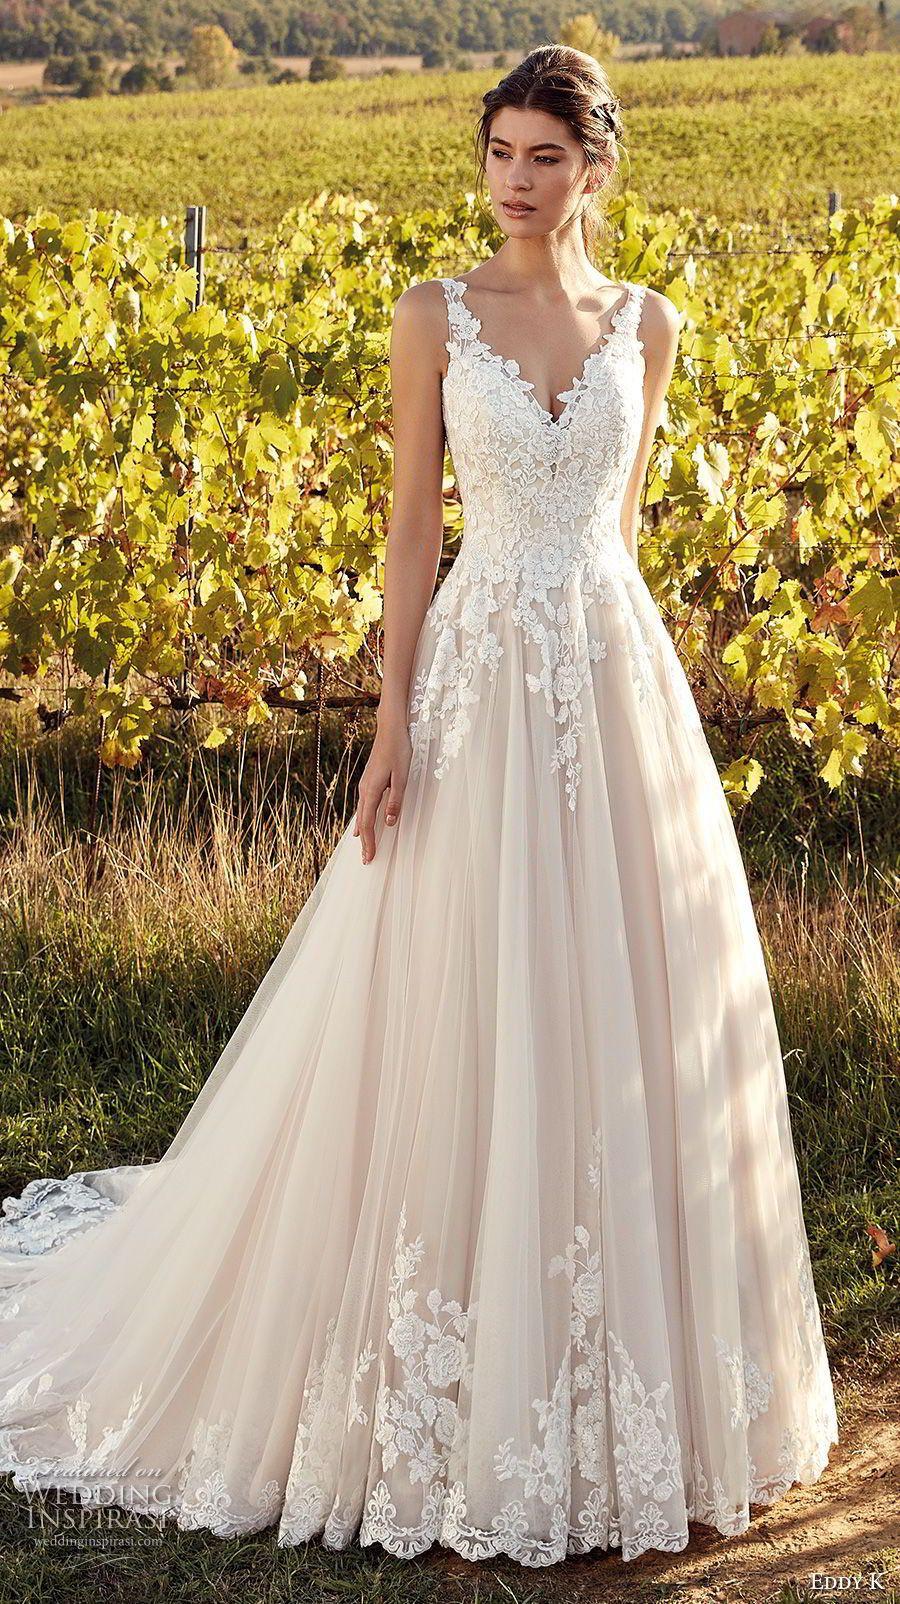 Hochzeitskleid 2019  Eddy K 2019 Brautkleider Hochzeitskleider